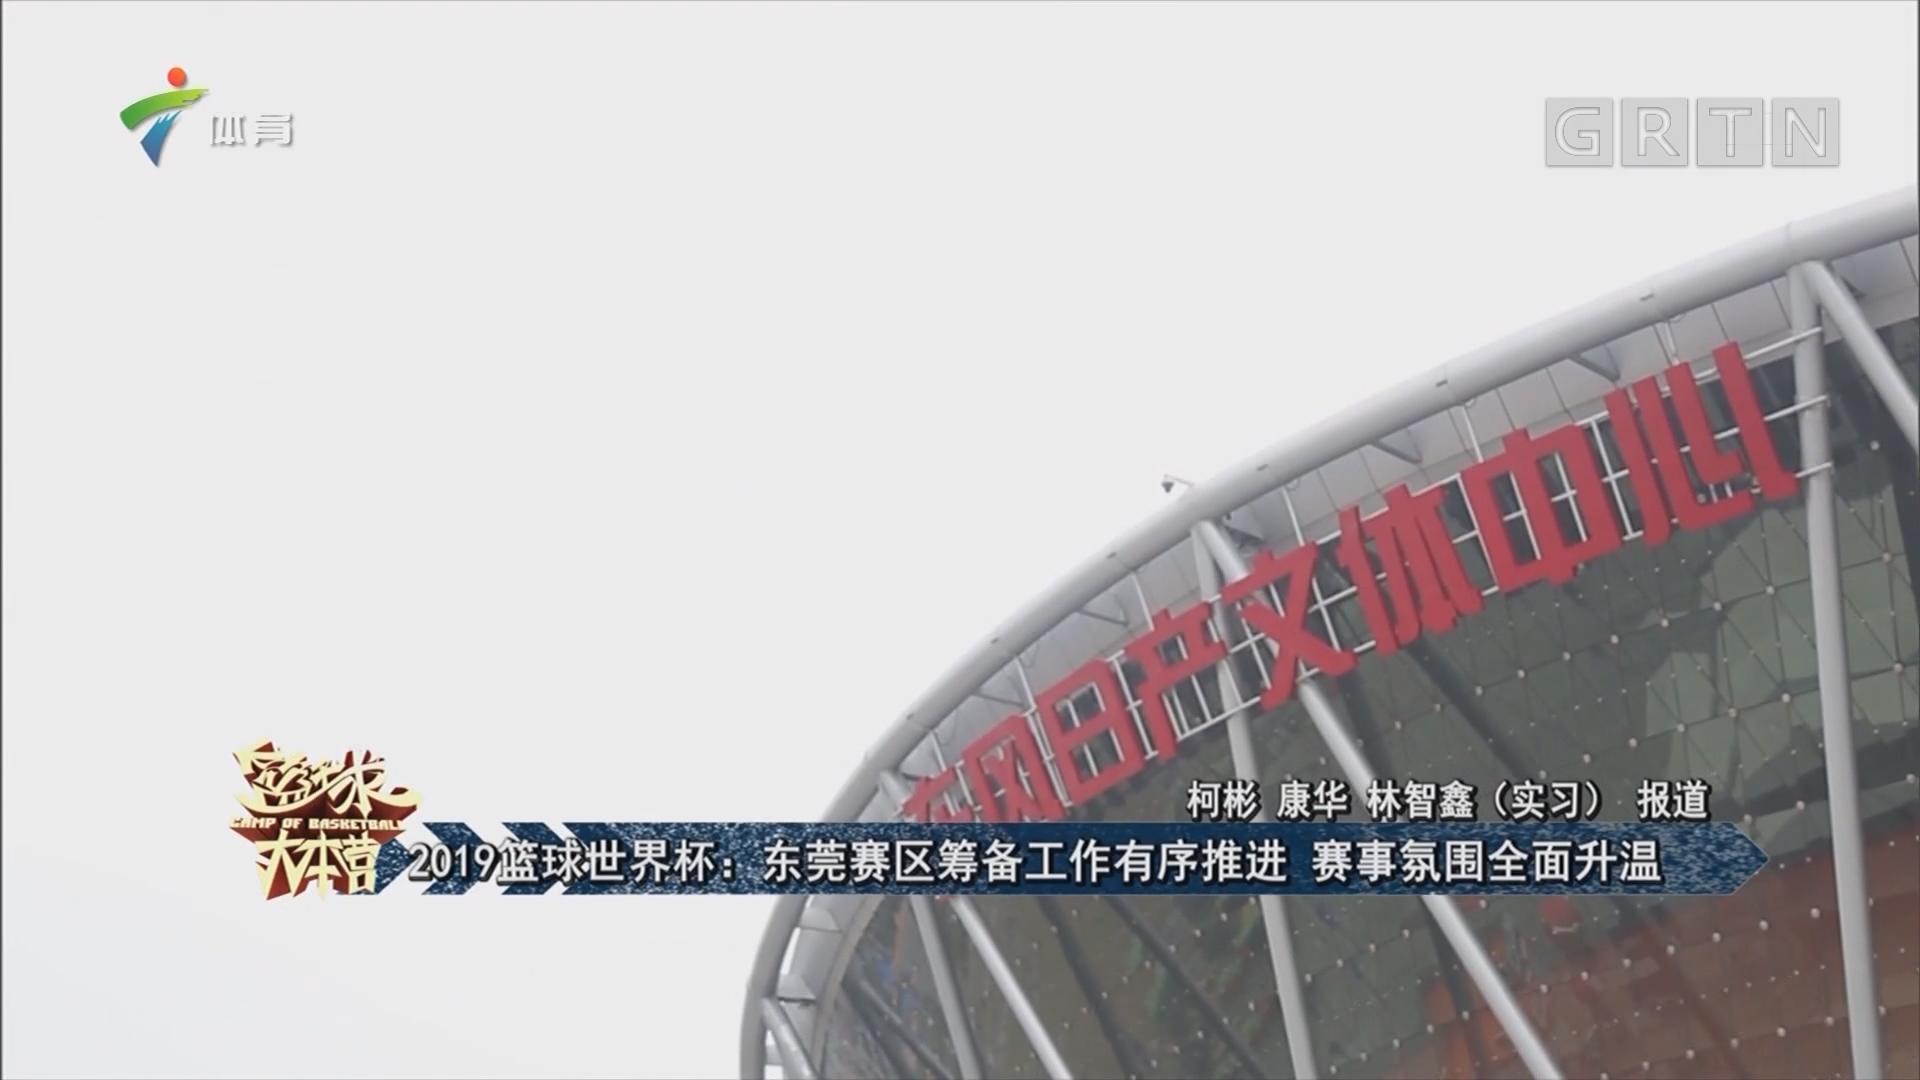 2019篮球世界杯:东莞赛区筹备工作有序推进 赛事氛围全面升温